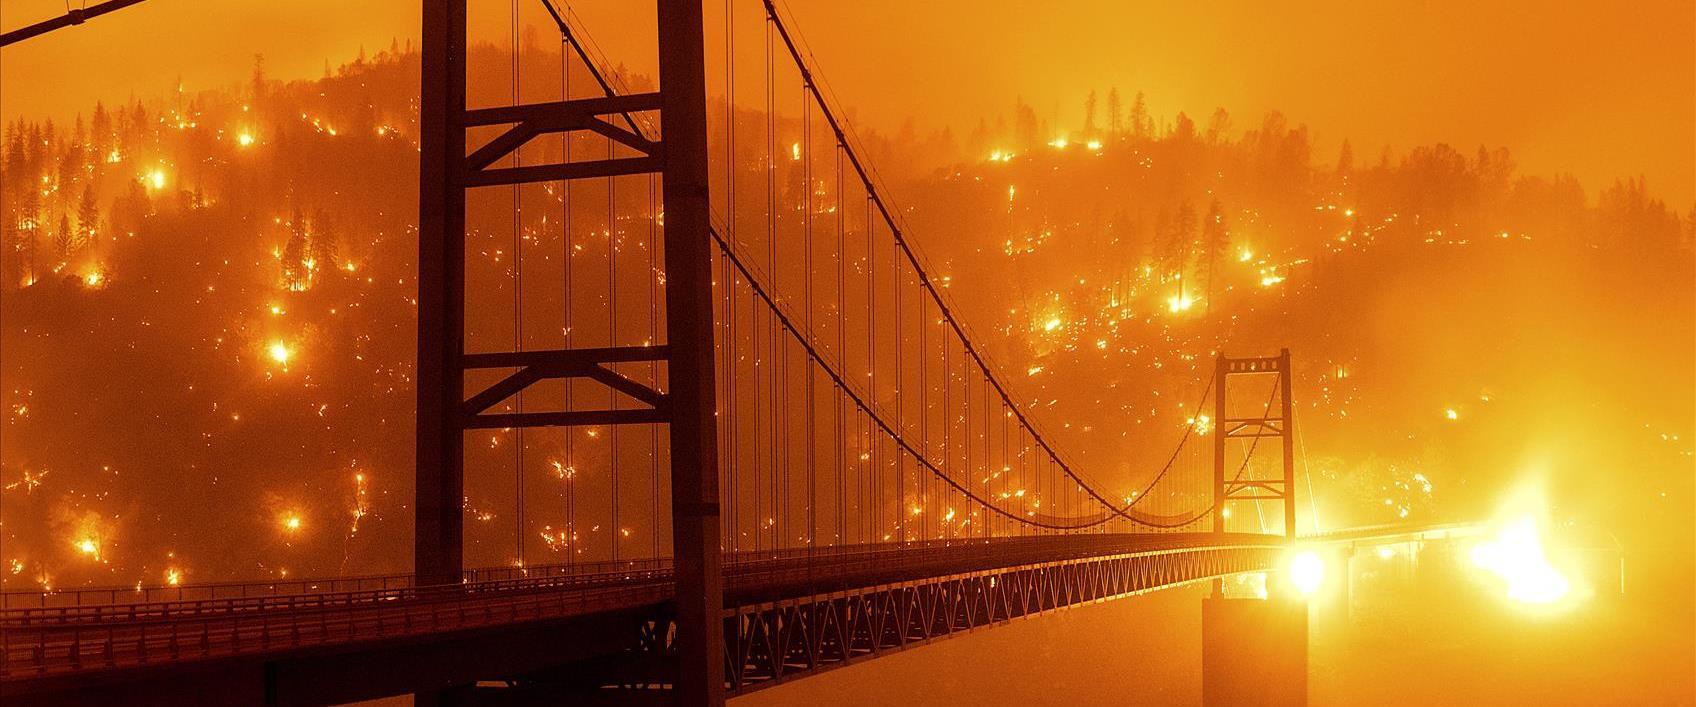 שריפות בסמוך לגשר הזהב